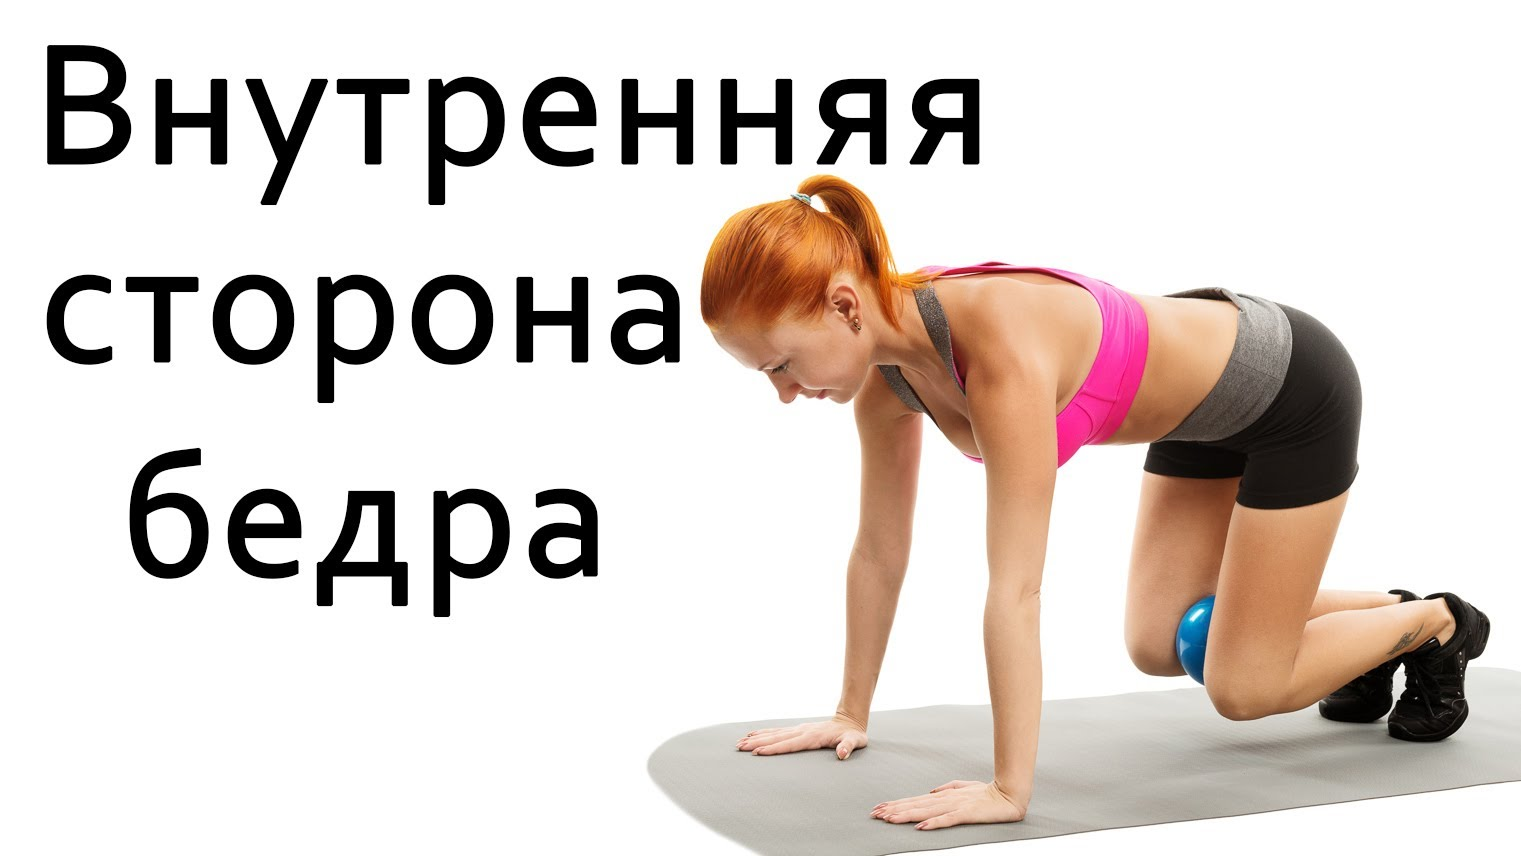 Обмотаться пищевой пленкой для похудения и бегать